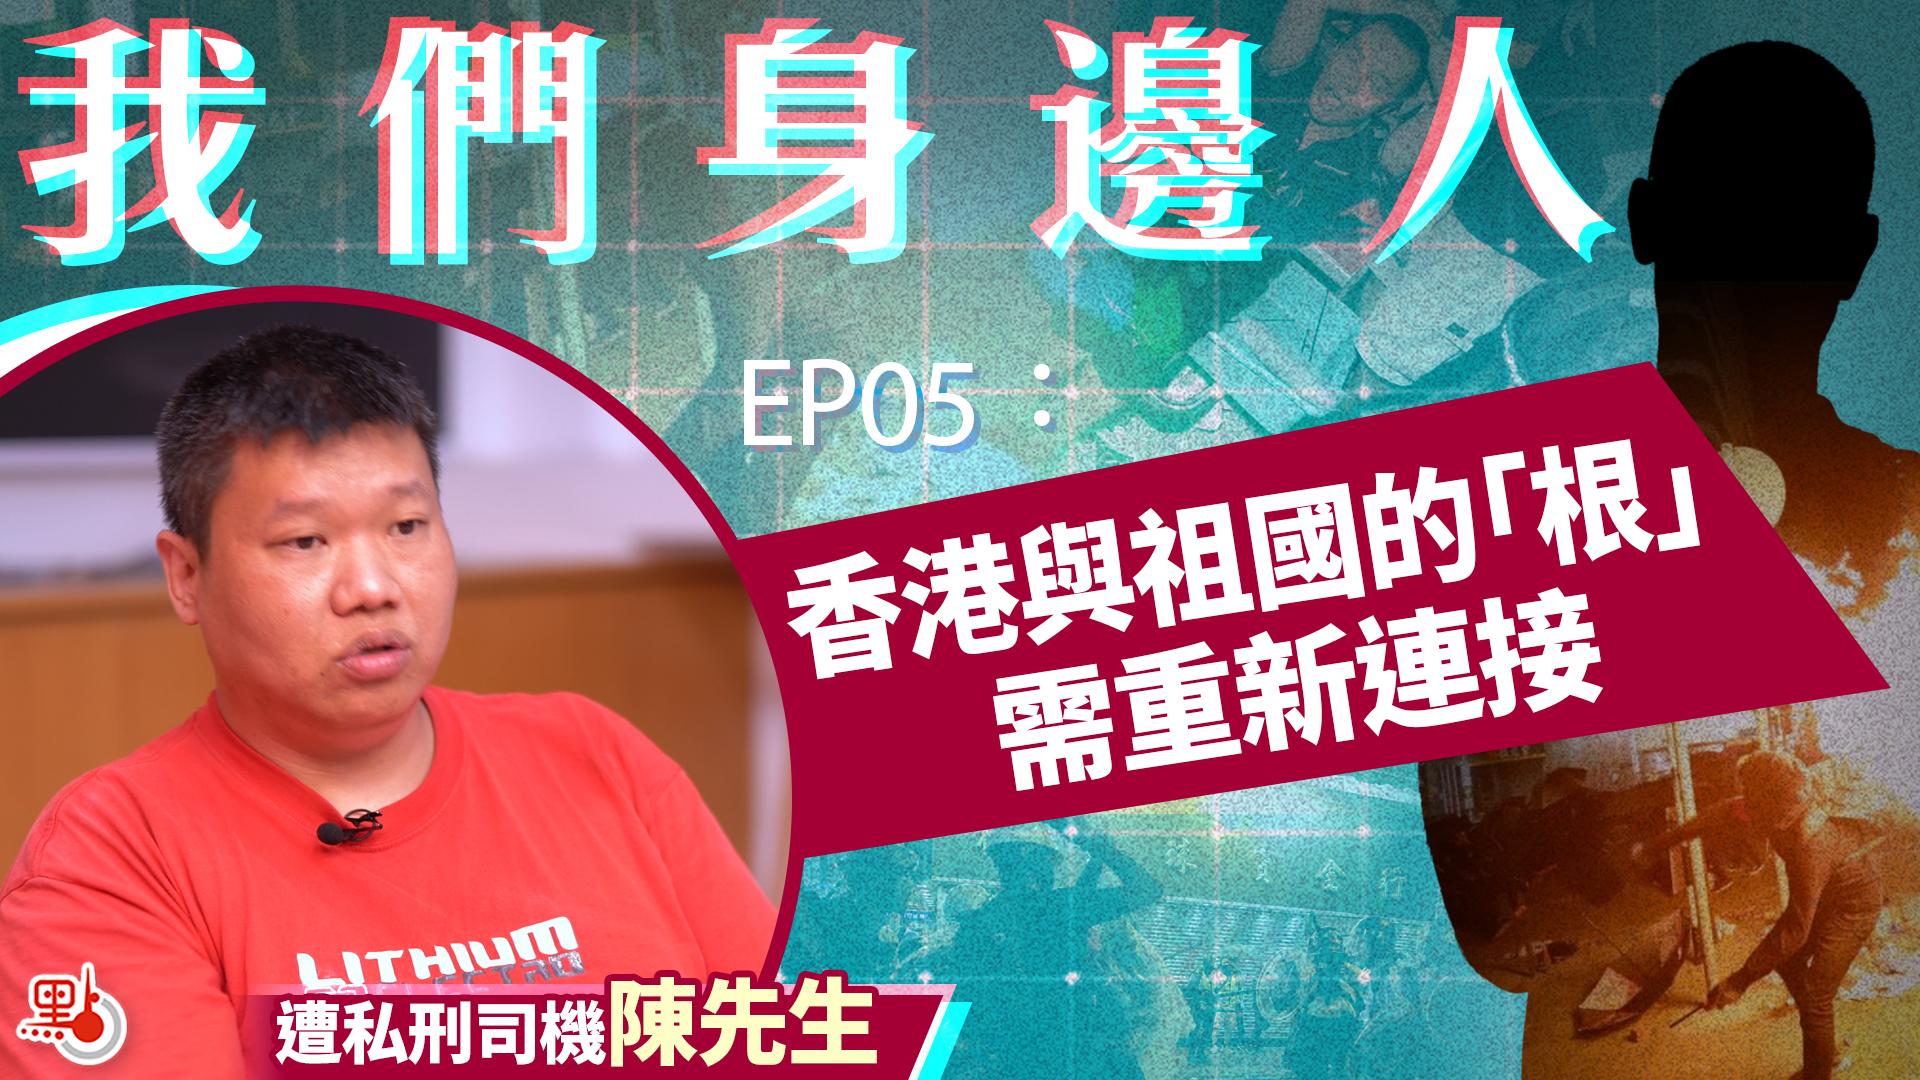 【我們身邊人】EP05 遭私刑司機陳生:要重新連接香港與祖國的「根」